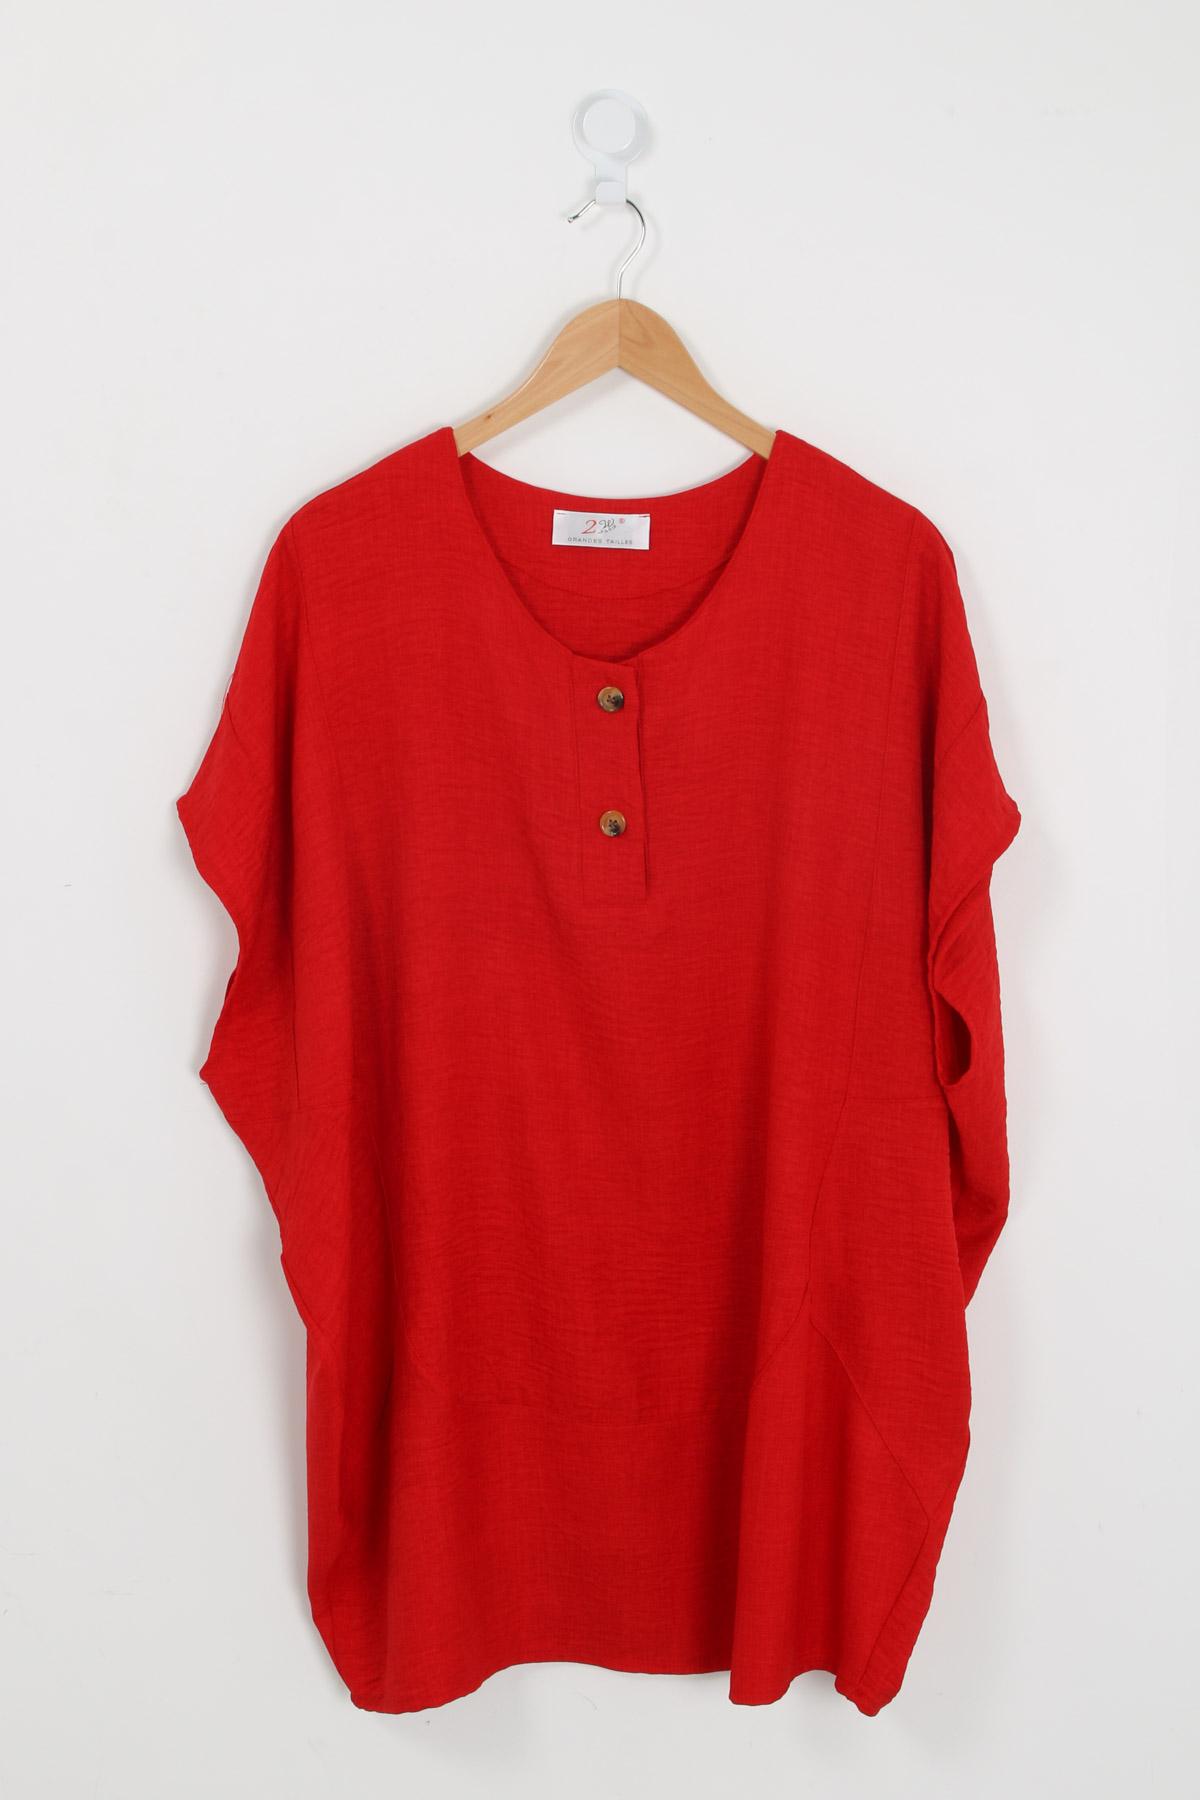 Blouse grande taille femme H3458 rouge 2W PARIS